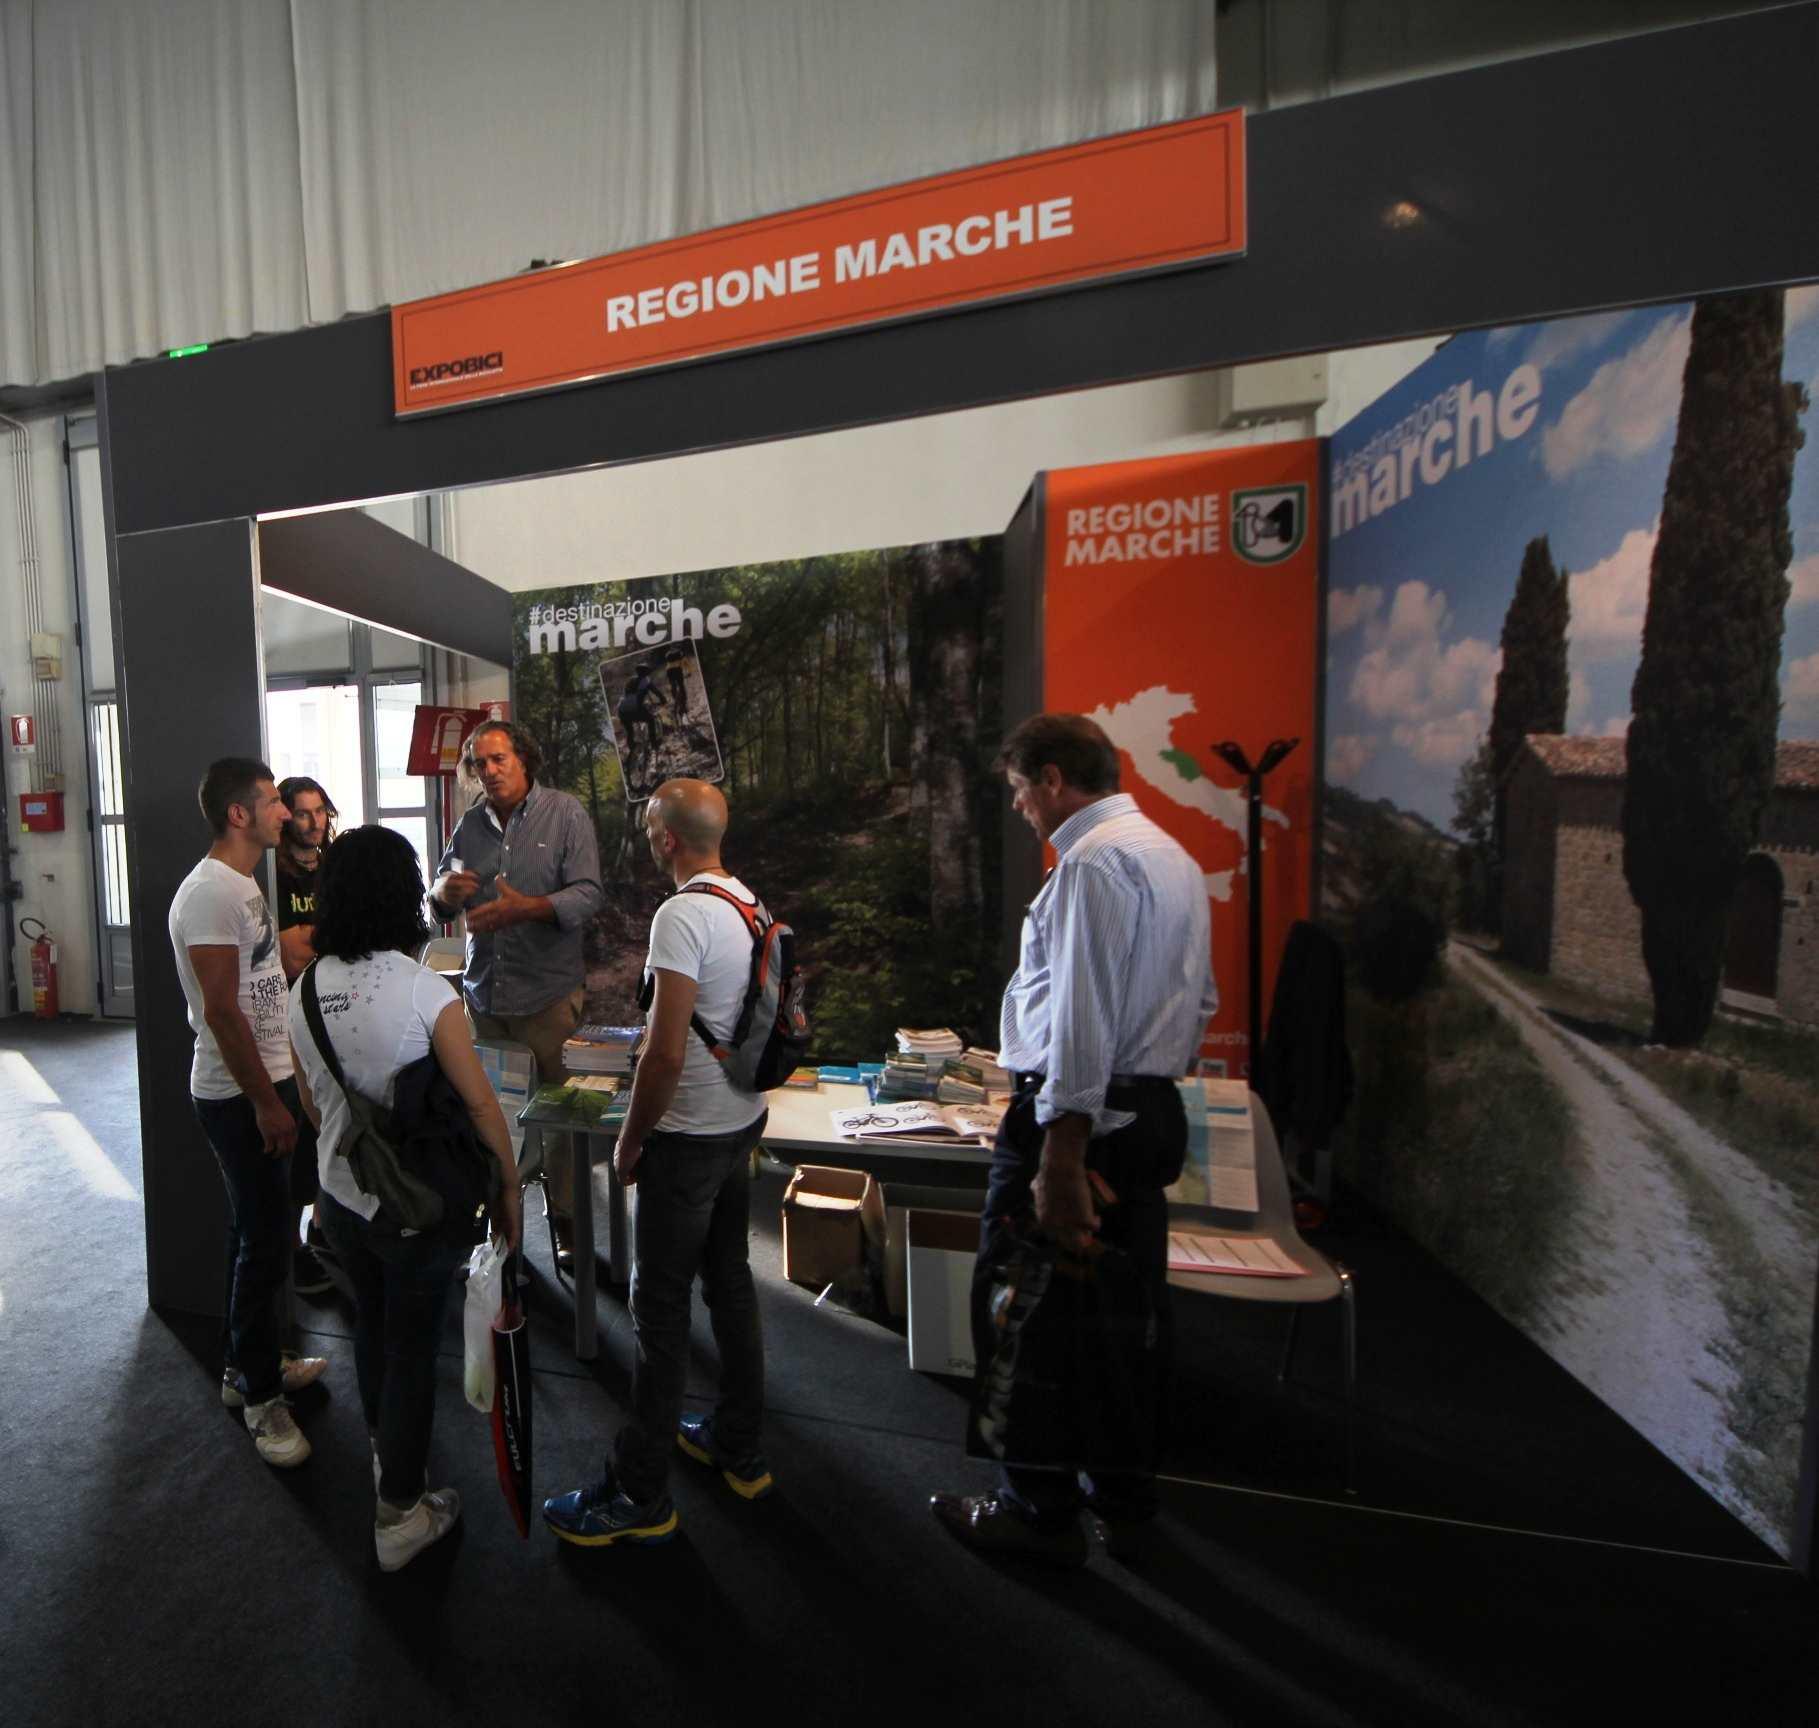 Successo della Regione Marche alle Fiere dedicate al turismo sostenibile